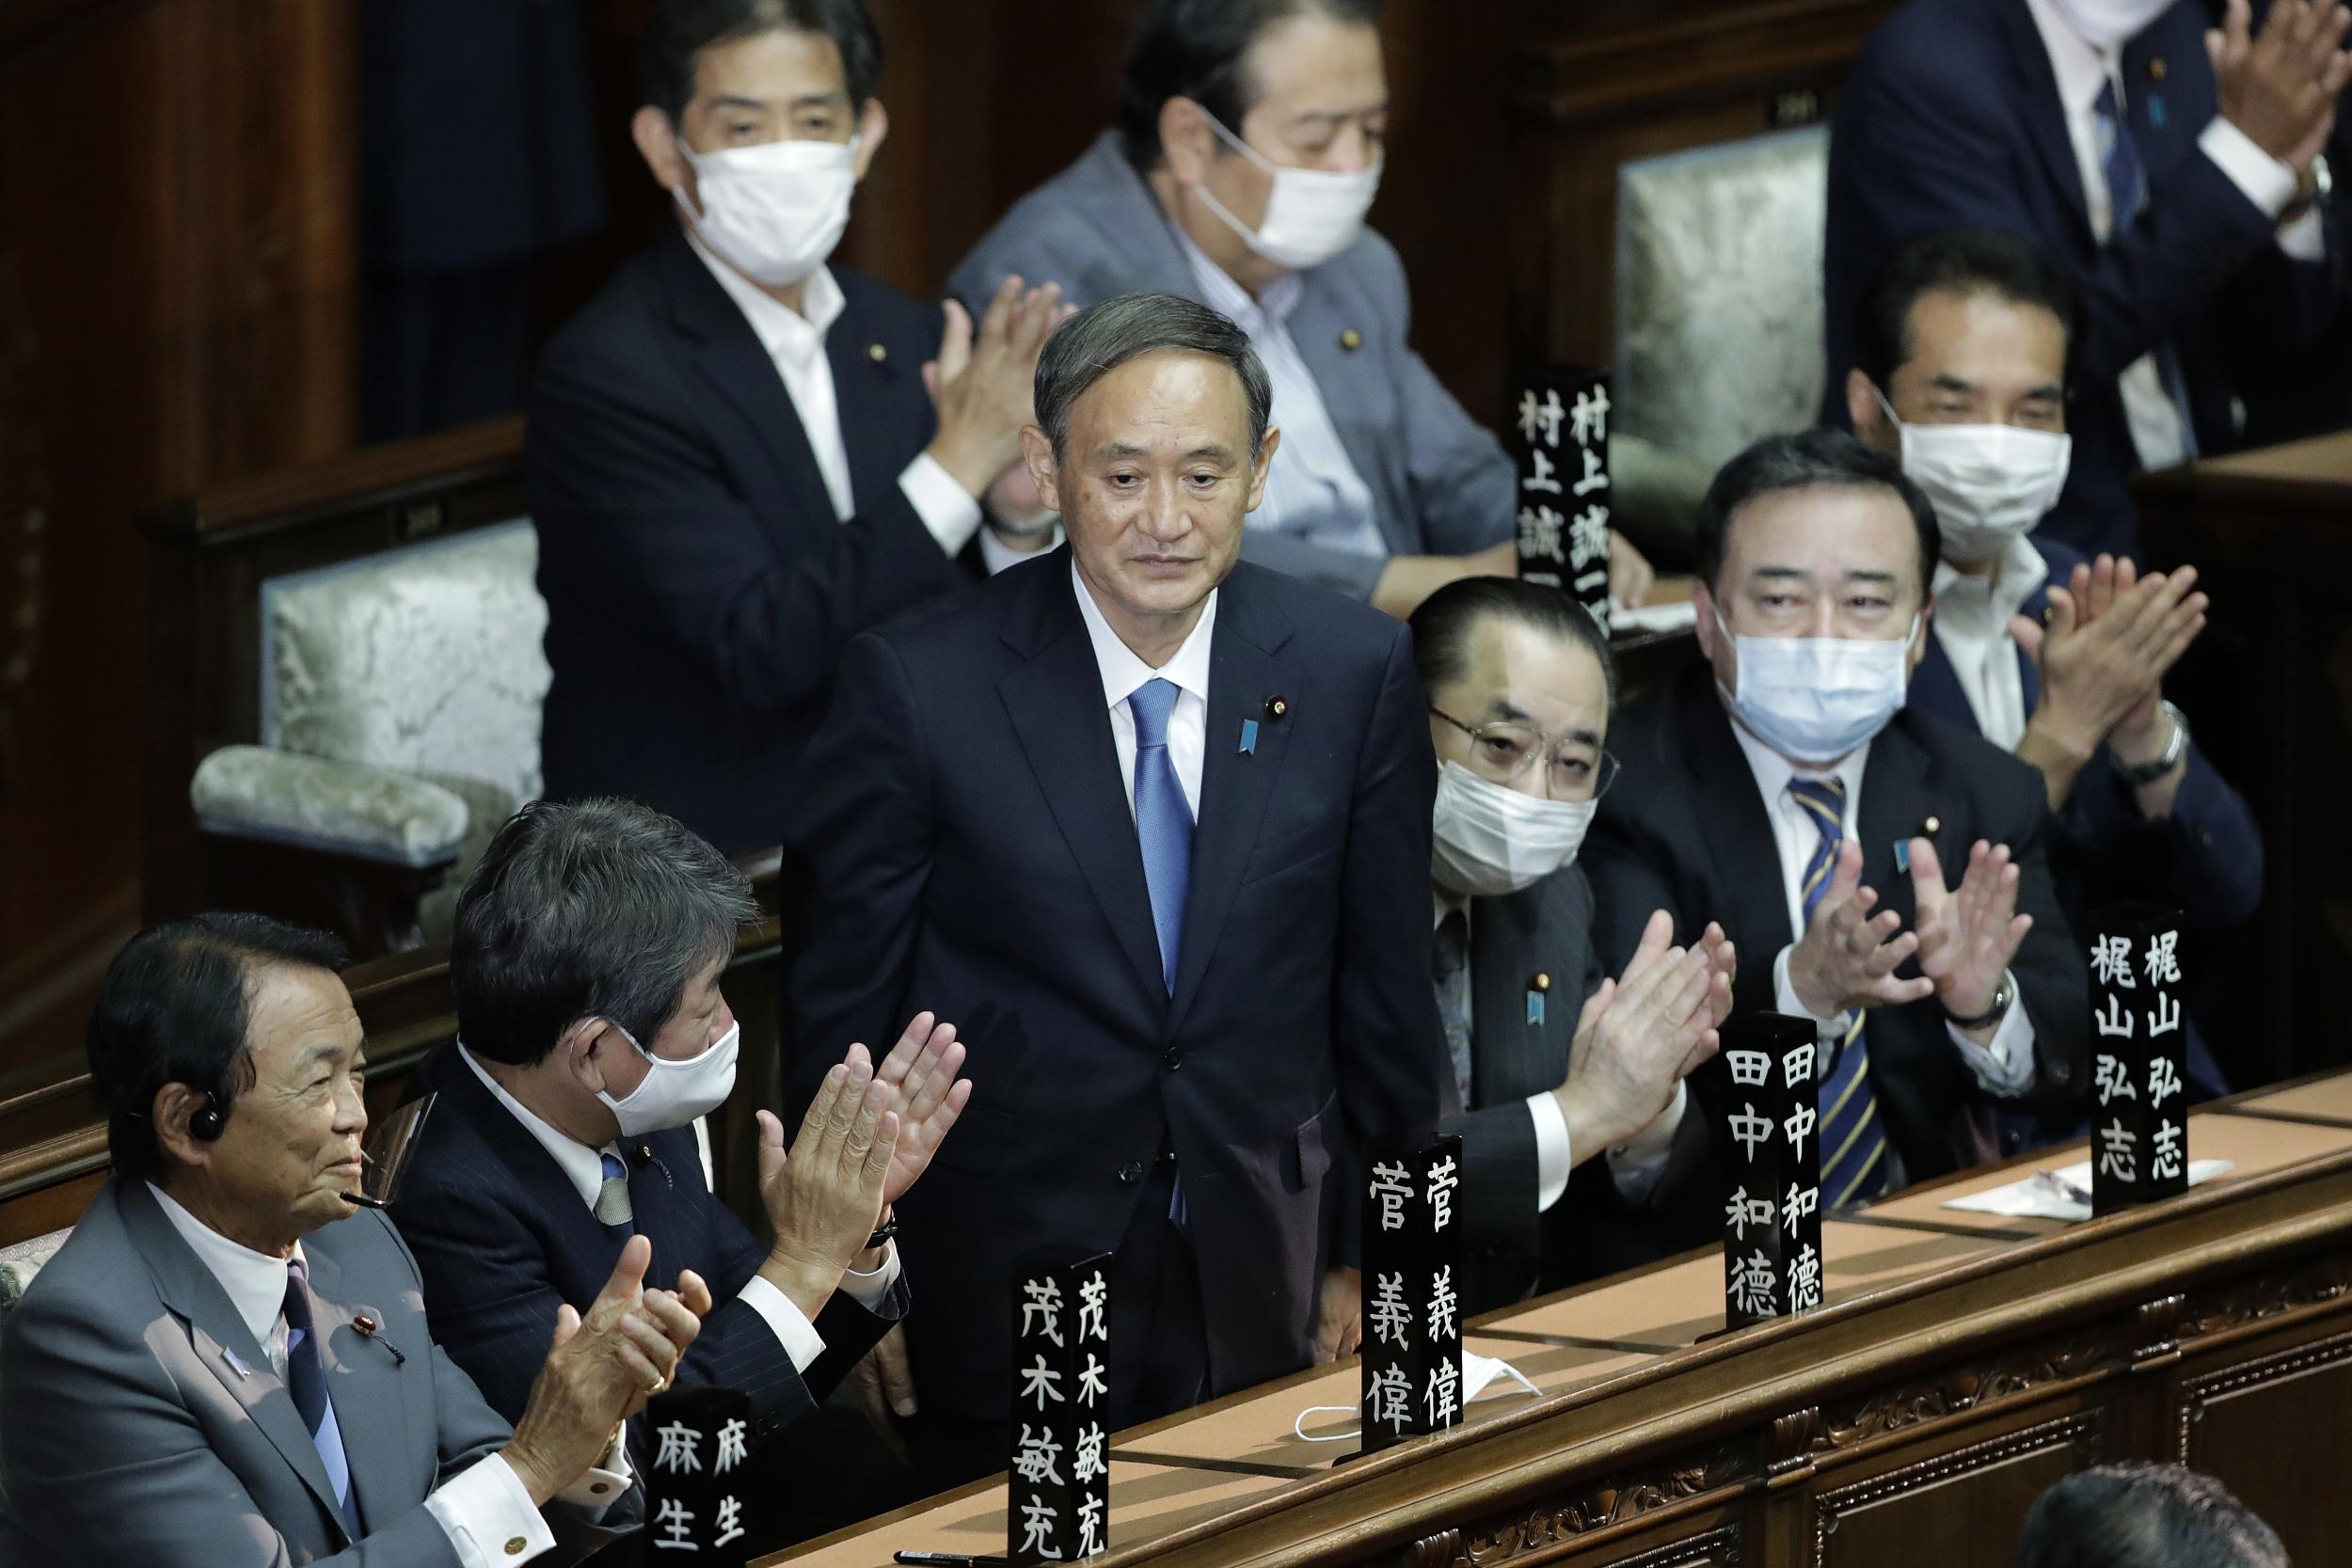 当地时间2020年9月16日下午,日本东京,日本召开临时国会进行首相指名选举,新任自民党总裁菅义伟(中)当选为日本第99任首相。